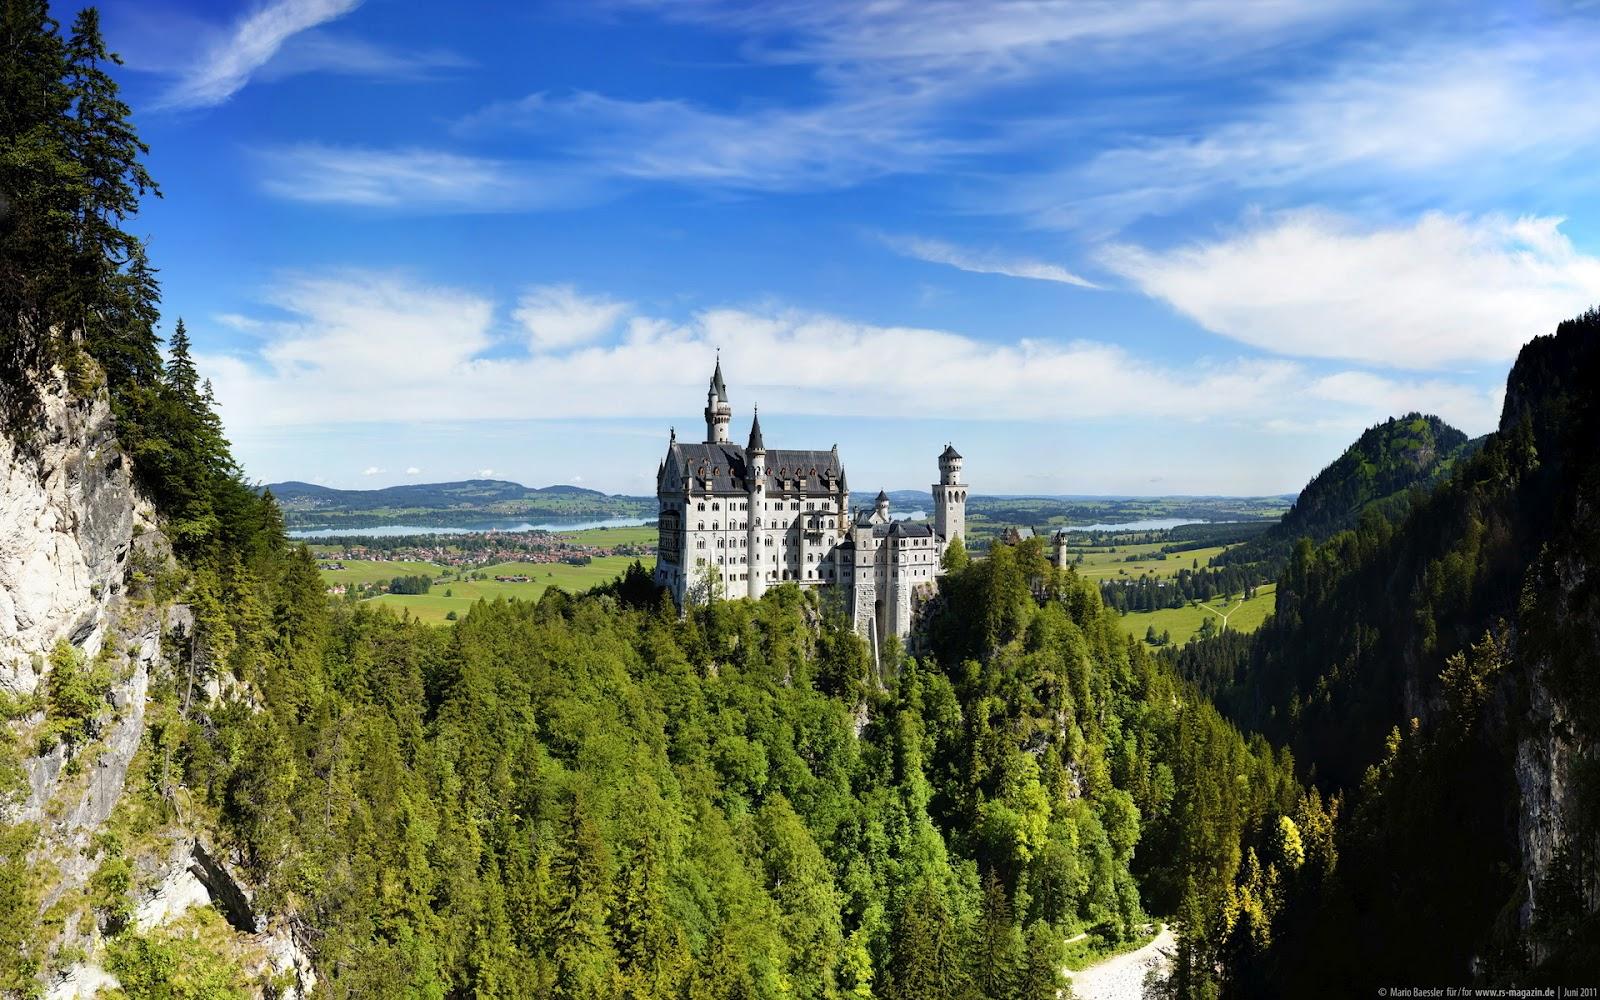 http://2.bp.blogspot.com/-6ze6PF6nHYo/T9KzQhFUbQI/AAAAAAAAe6E/oXadVKnMW2g/s1600/Castillos-Neuschwanstein_Alpes-de-Baviera-Alemania_Paisajes-Natuales-de-Alemania.jpg